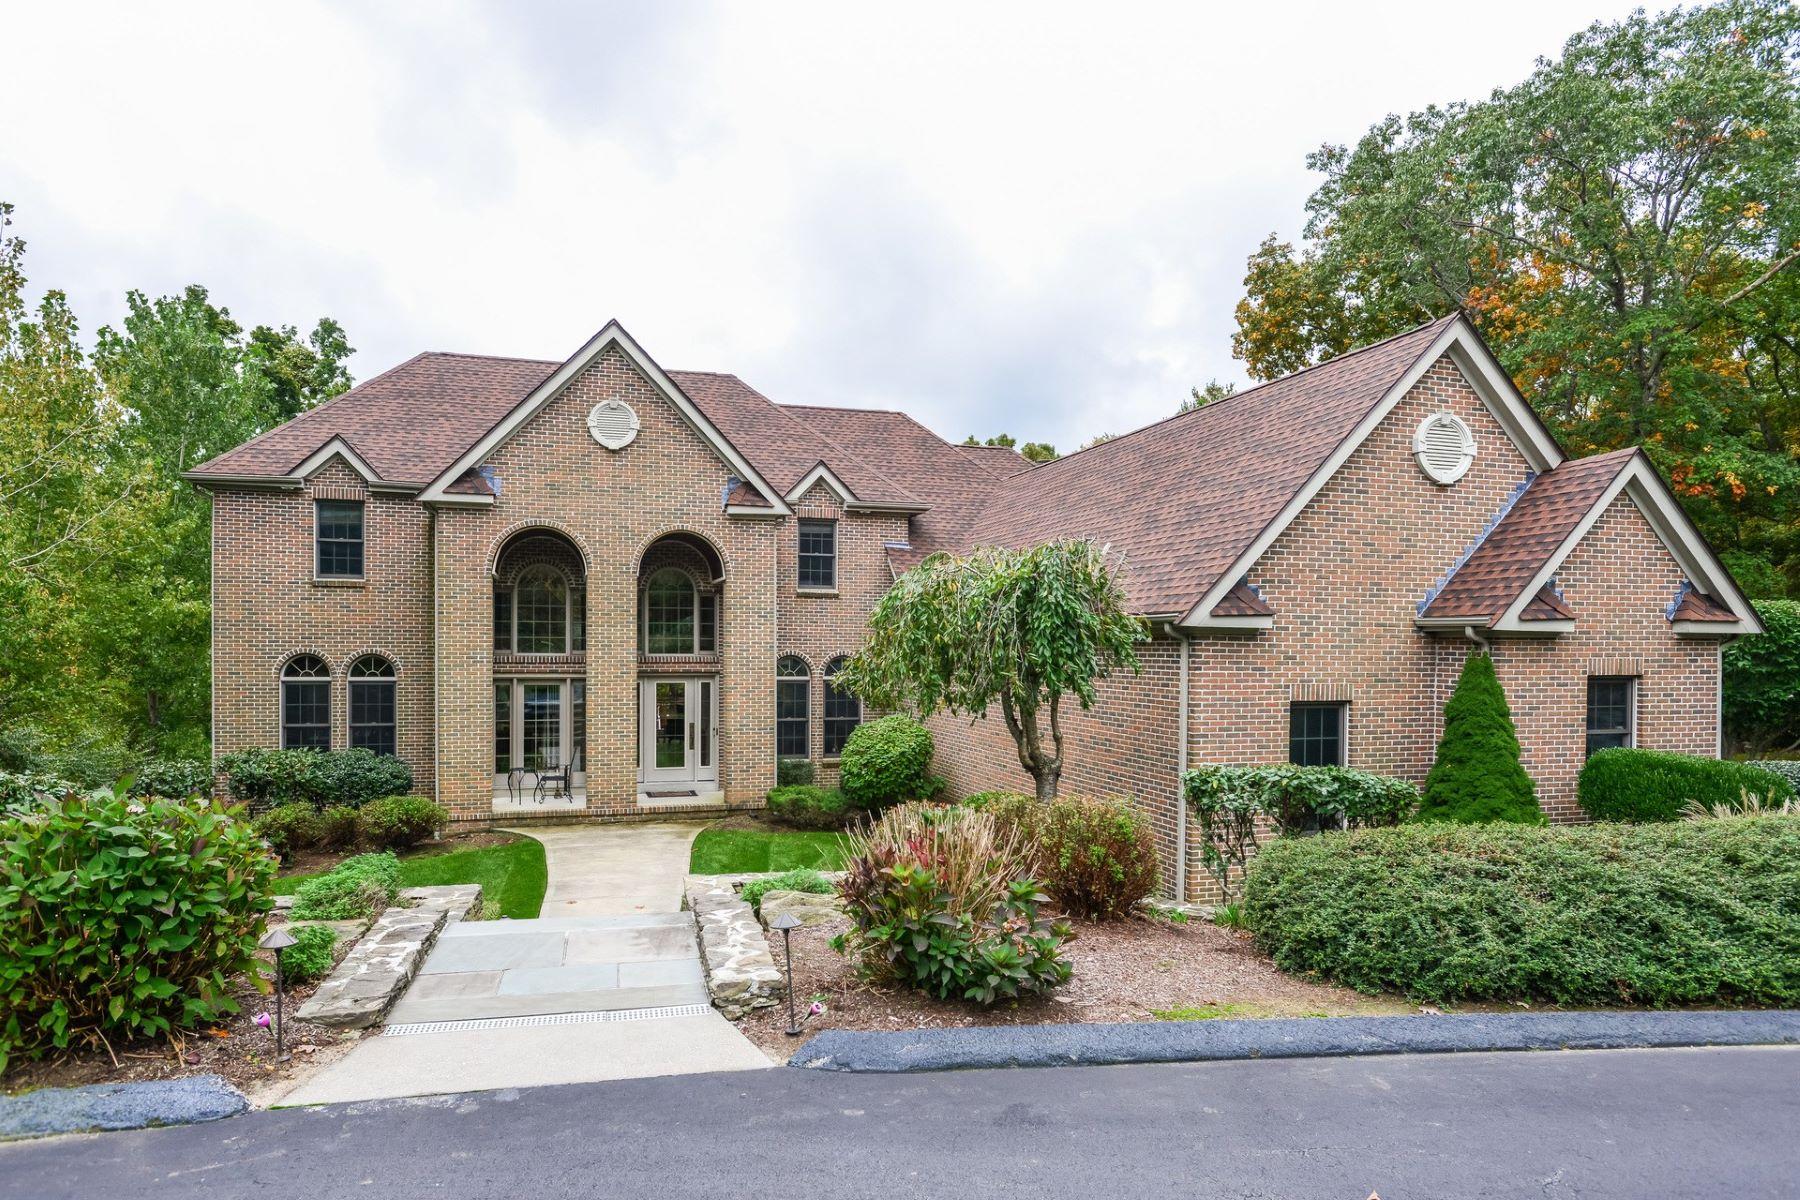 Μονοκατοικία για την Πώληση στο 77 Iroquois Trl, Glocester, RI Glocester, Ροουντ Αϊλαντ 02857 Ηνωμένες Πολιτείες